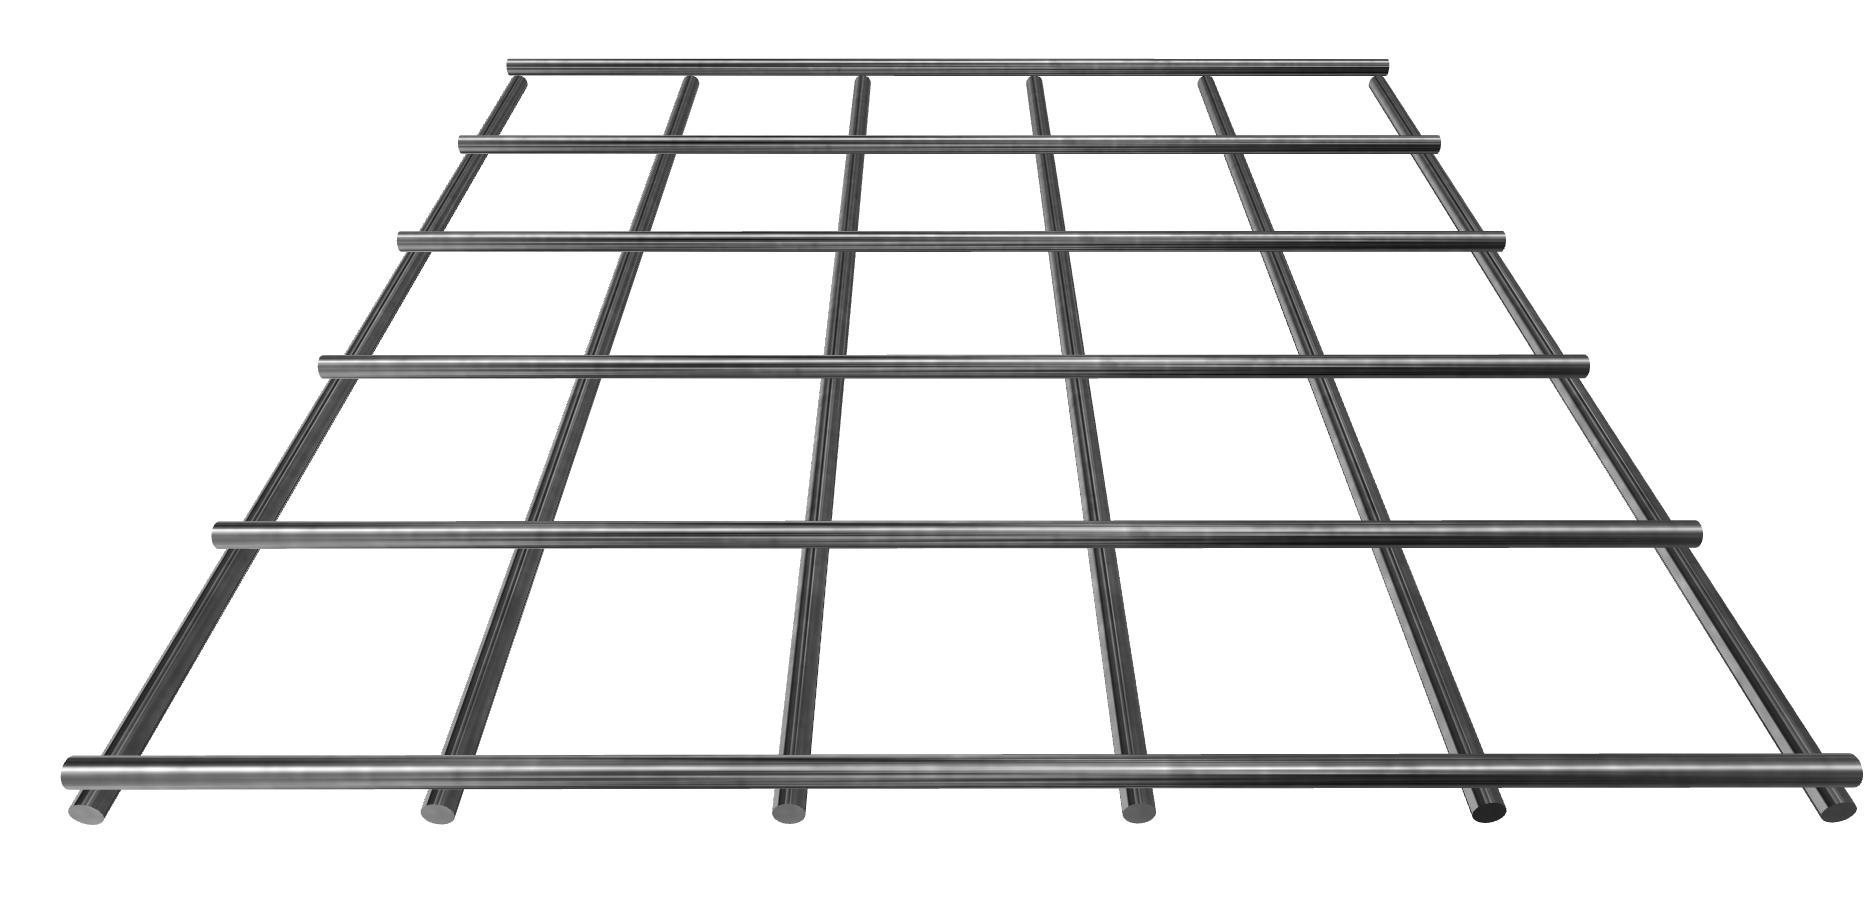 Stahlgitter 3,8 mm 40x40, blank